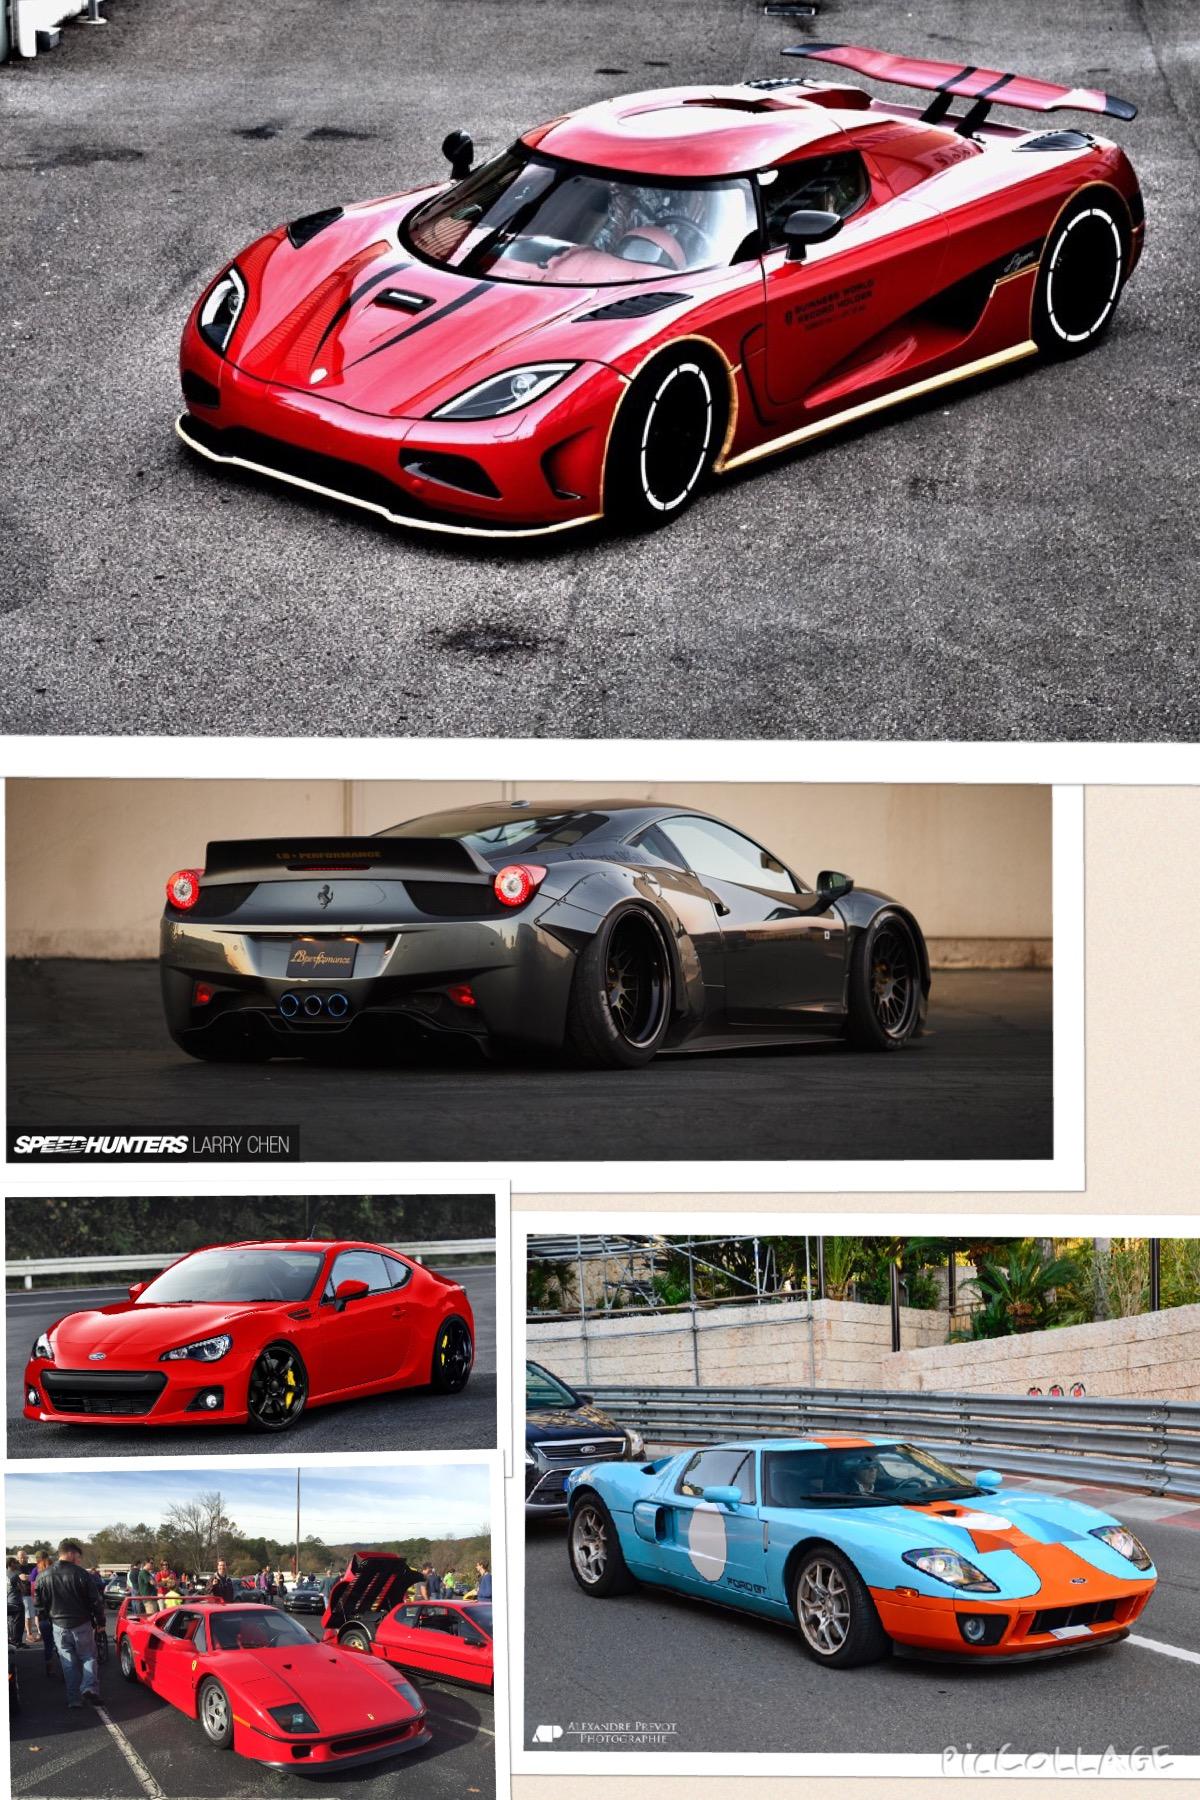 my dreamcar 5 car garage koenigsegg agera r ford gt heritage ford my dreamcar 5 car garage koenigsegg agera r ford gt heritage